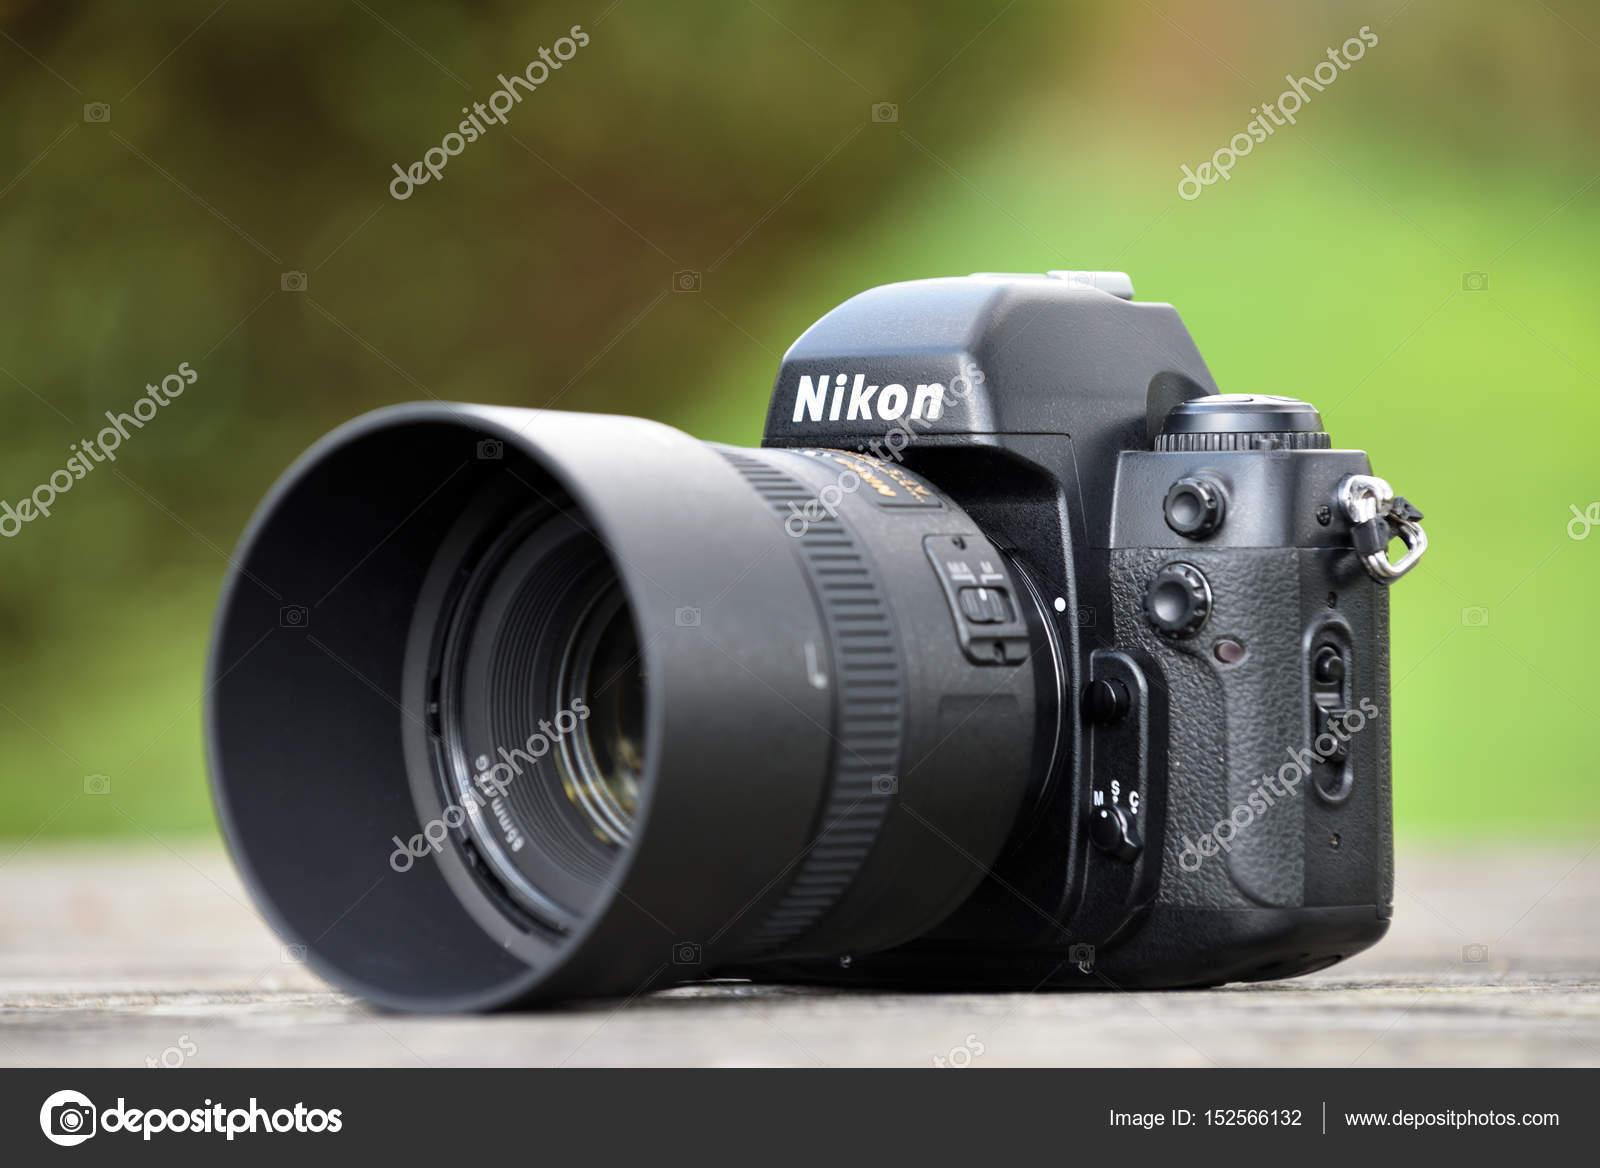 ニコン f 100 フィルム カメラ本体 ストック編集用写真 fla 152566132